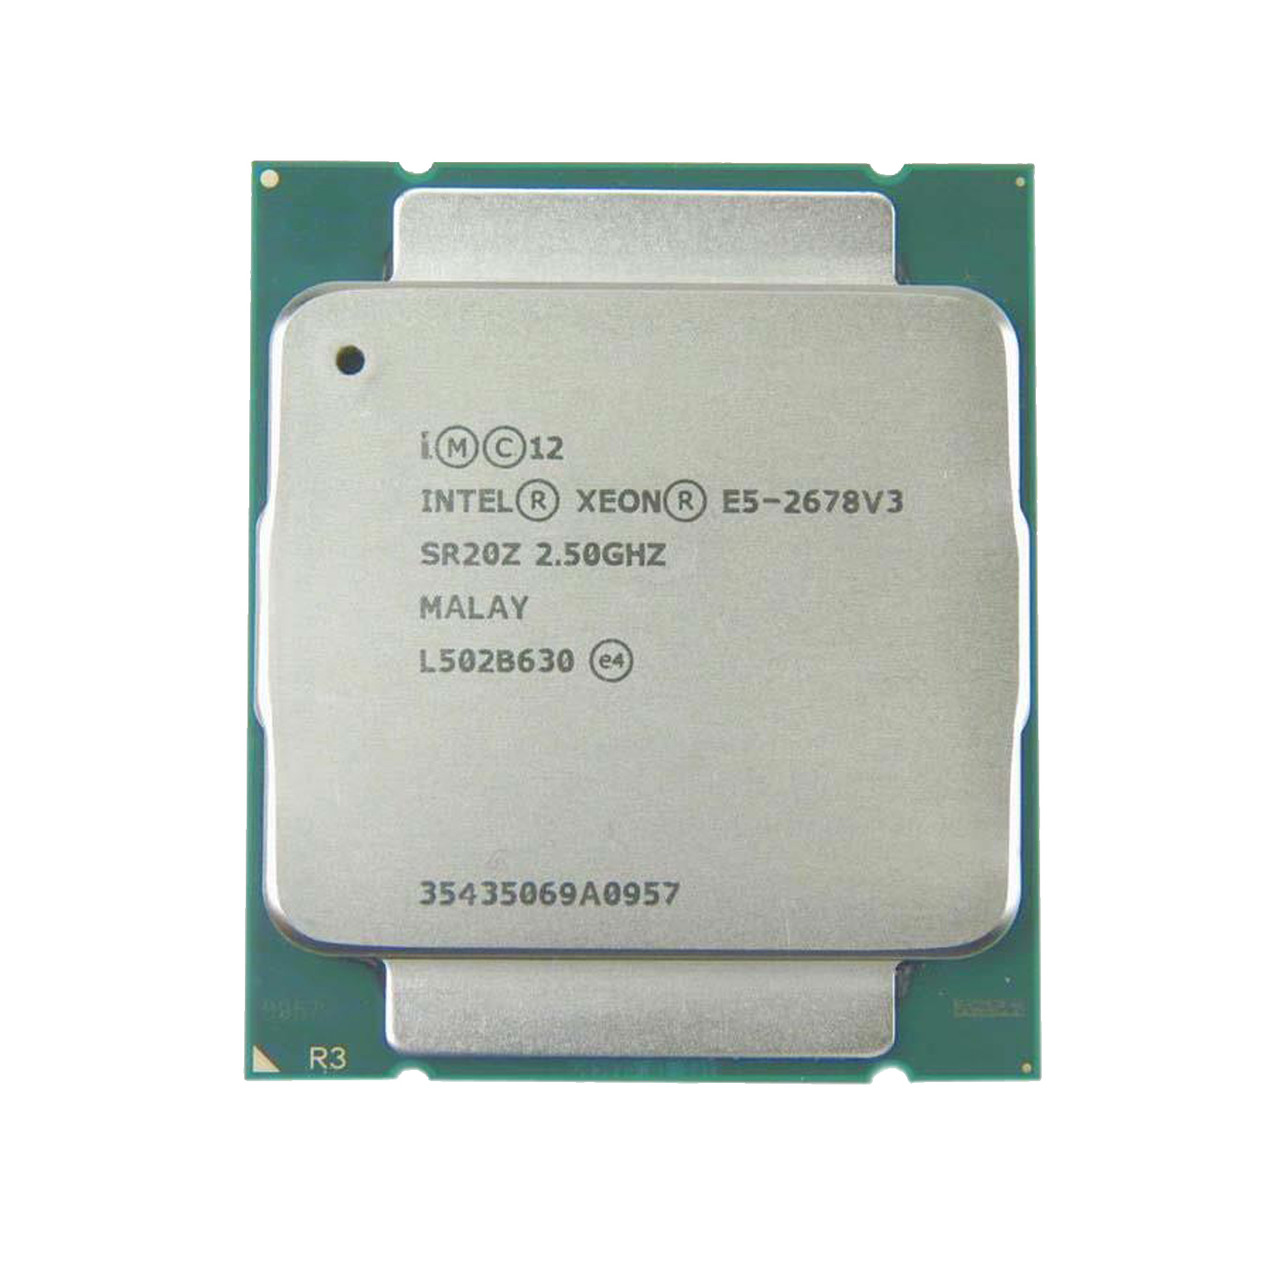 Комплект X99 + Xeon E5-2678v3 + Кулер, LGA 2011v3